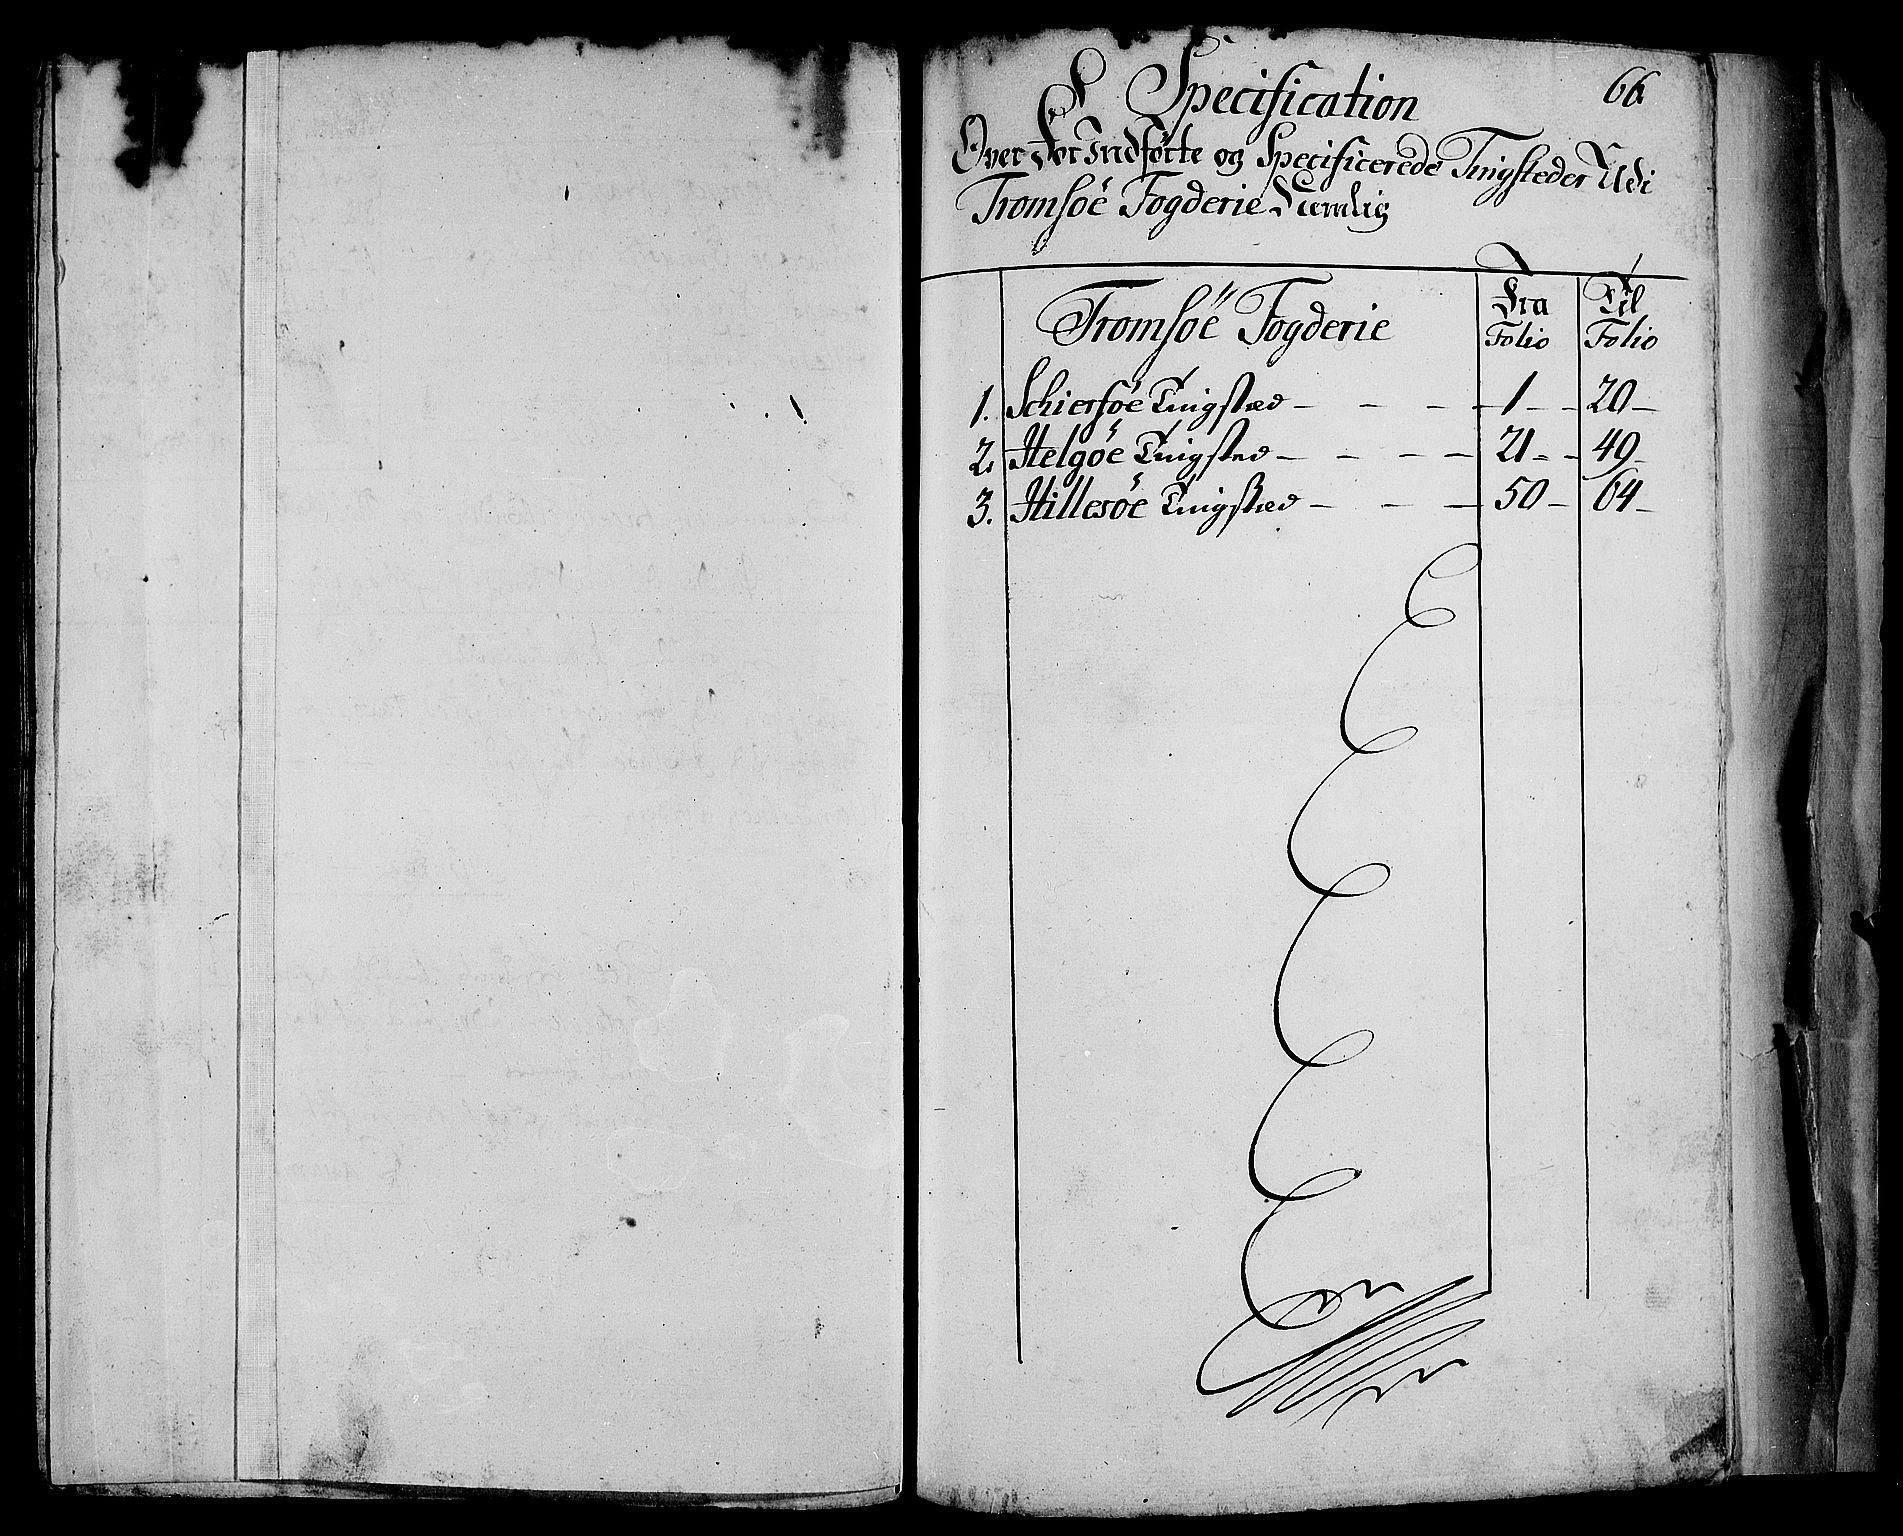 RA, Rentekammeret inntil 1814, Realistisk ordnet avdeling, N/Nb/Nbf/L0181: Troms matrikkelprotokoll, 1723, s. 65b-66a